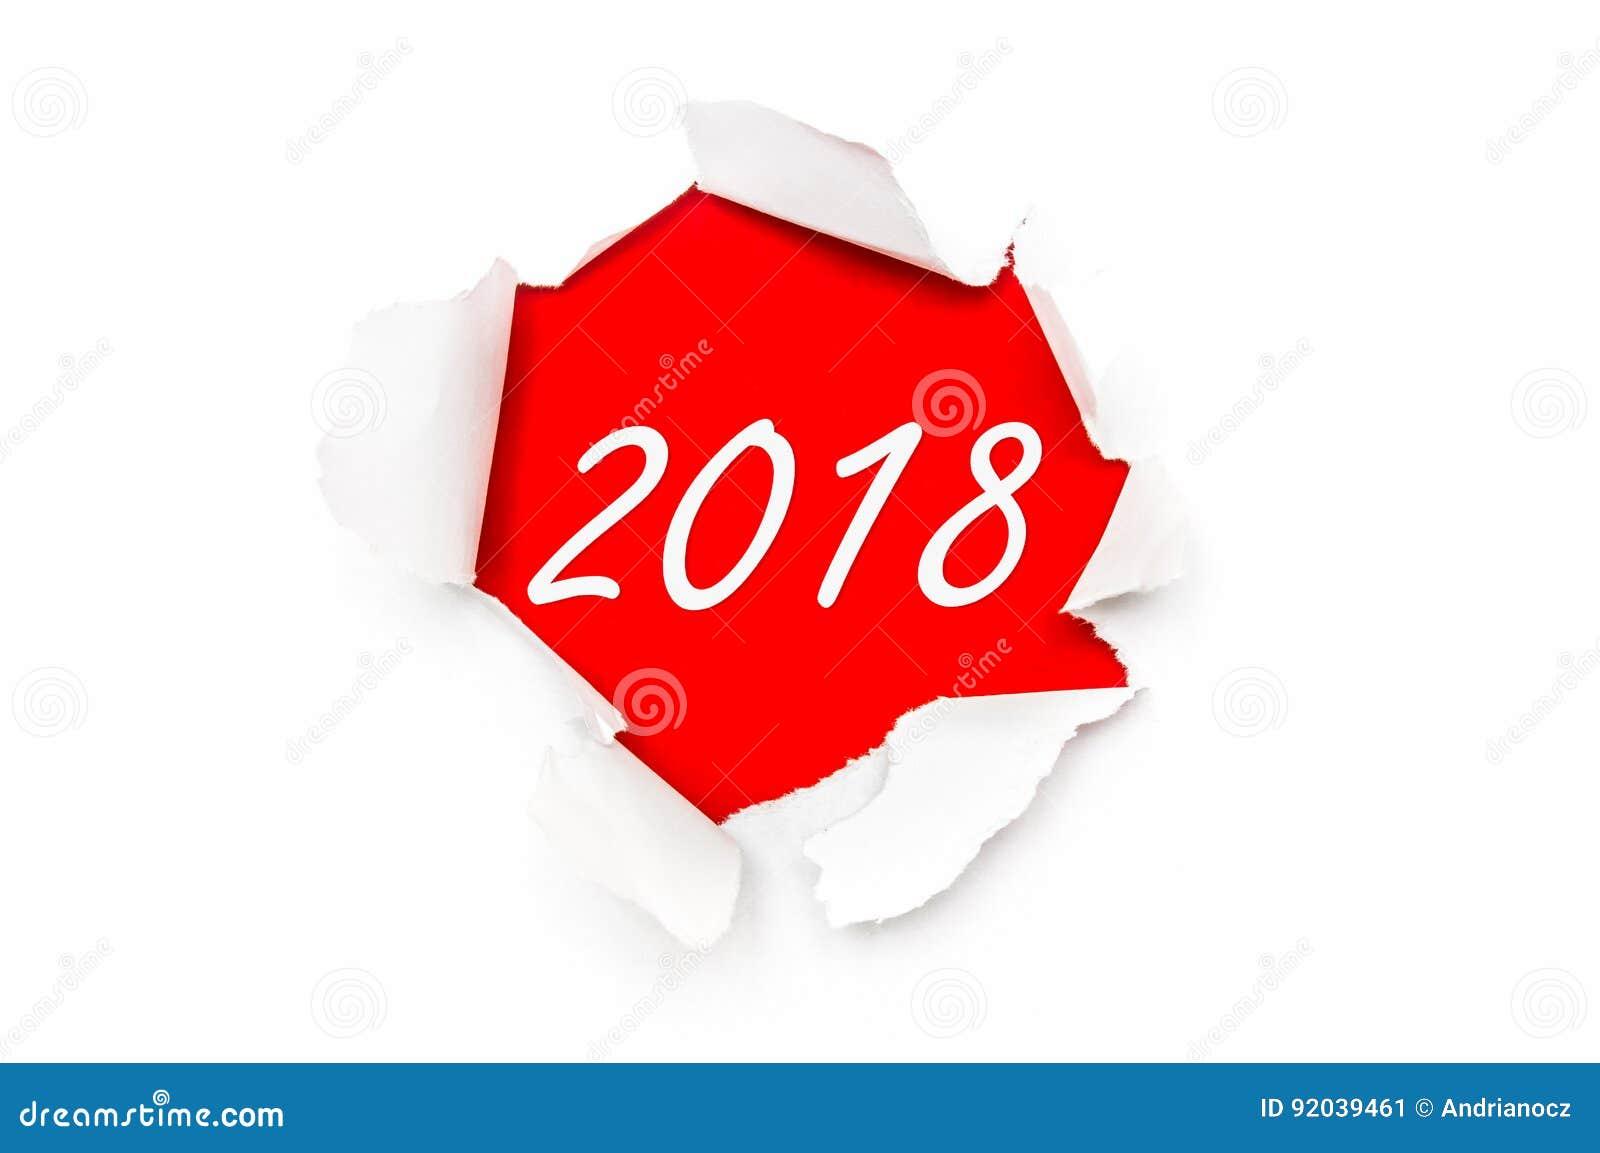 Σχισμένο έγγραφο με τις γραπτές λέξεις νέο έτος 2018